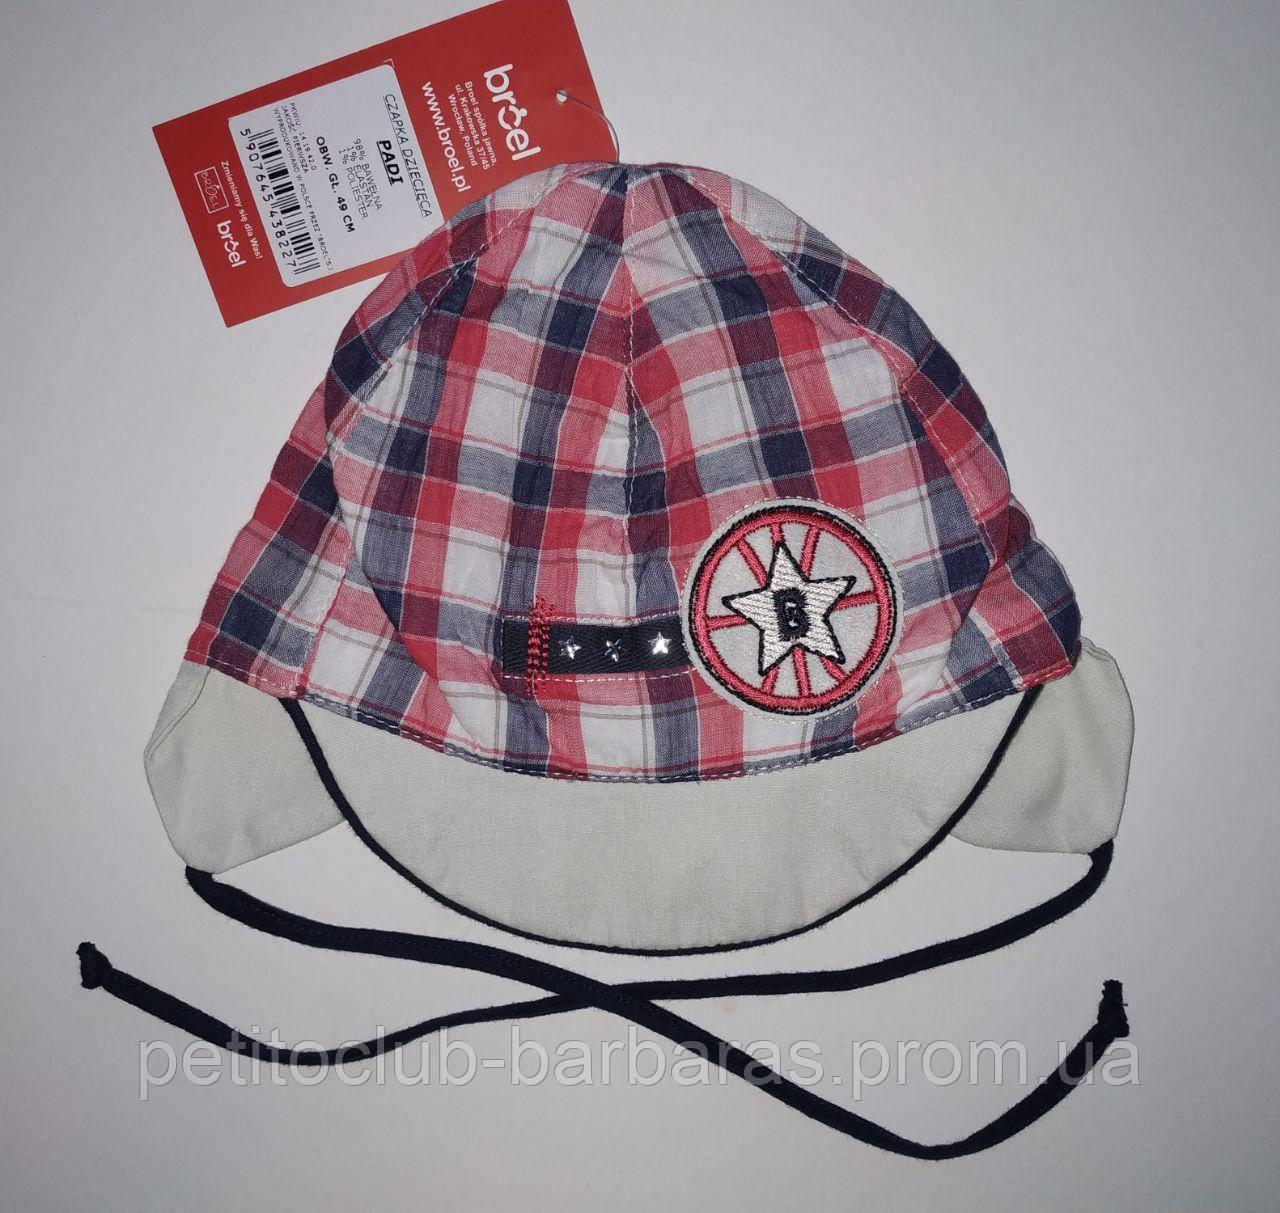 Детская летняя кепка на завязках Padi для мальчика (Broel, Польша)